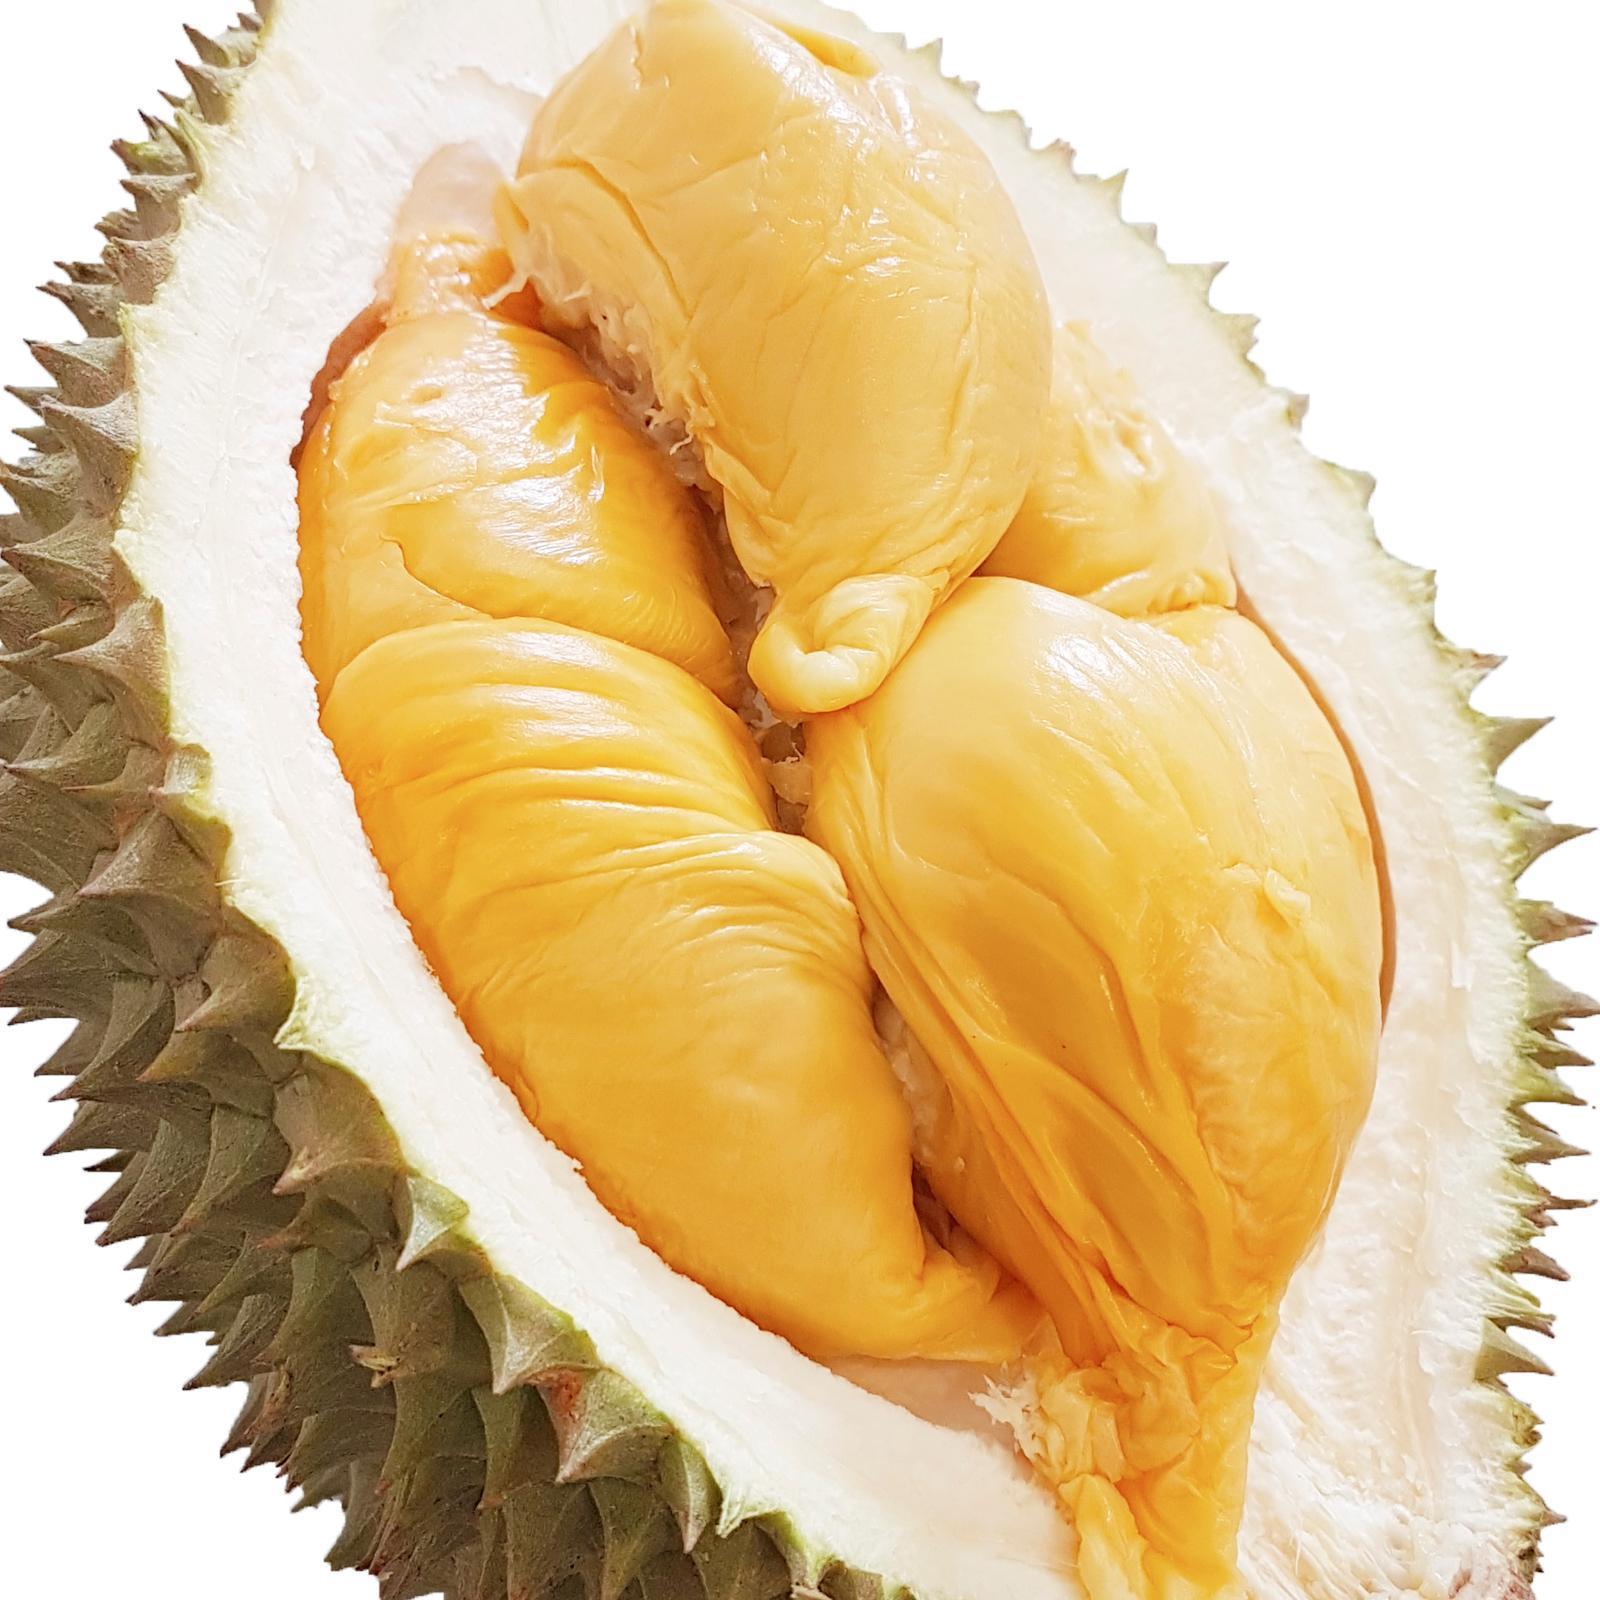 Дуриан и джекфрут: полезные свойства, фото, отзывы - thailand-trip.org